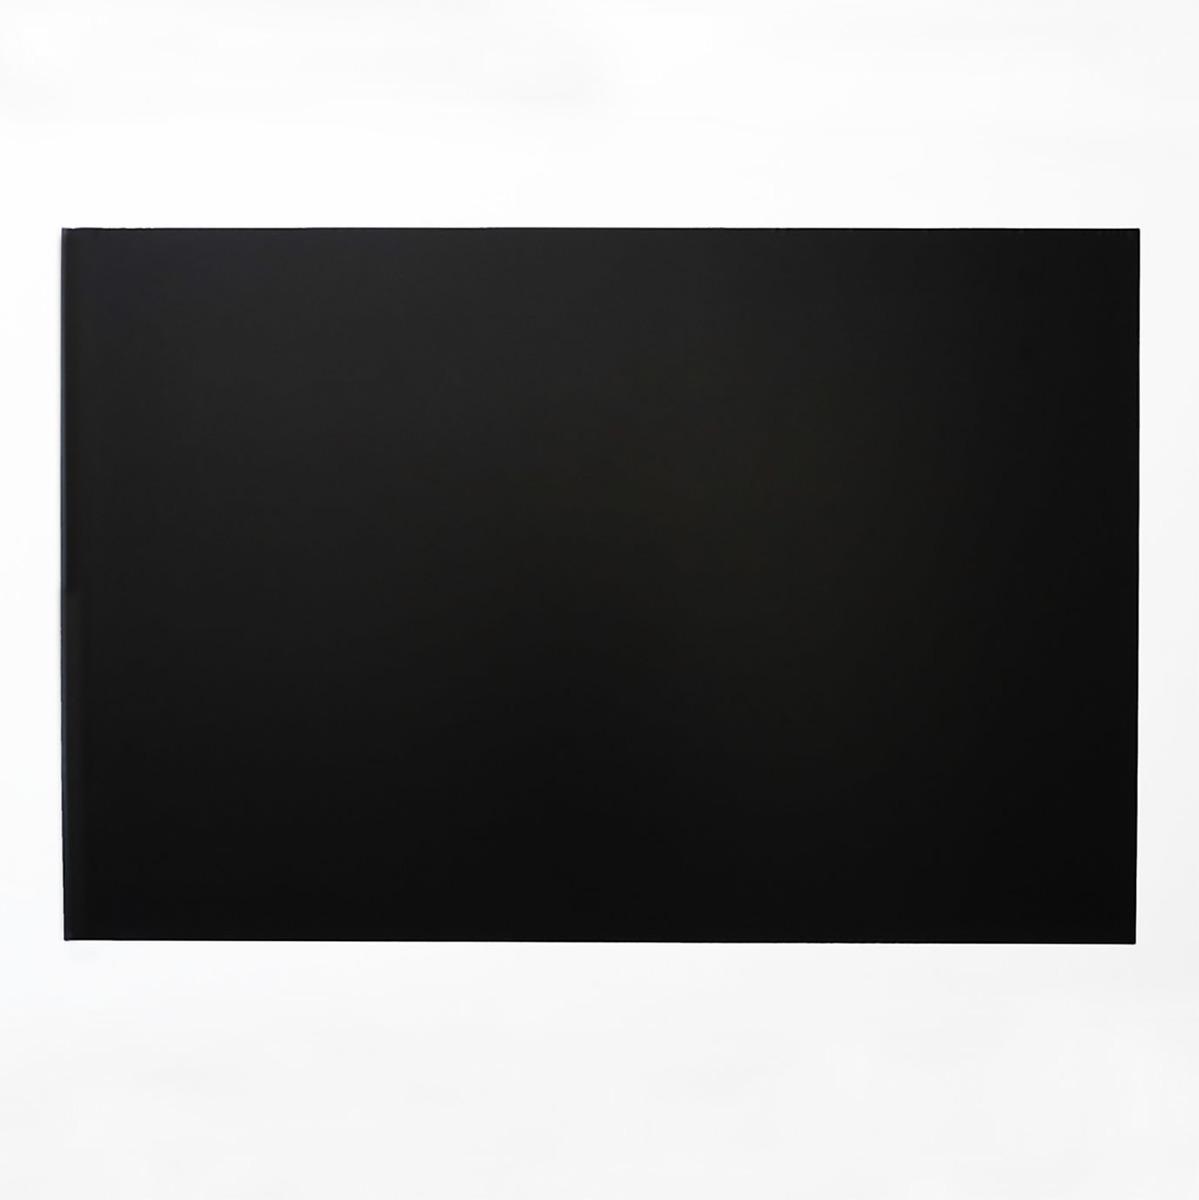 マグネットシート 黒板 黒 900×600mm 今村紙工 マグネット黒板シート 新作入荷!! ディスカウント